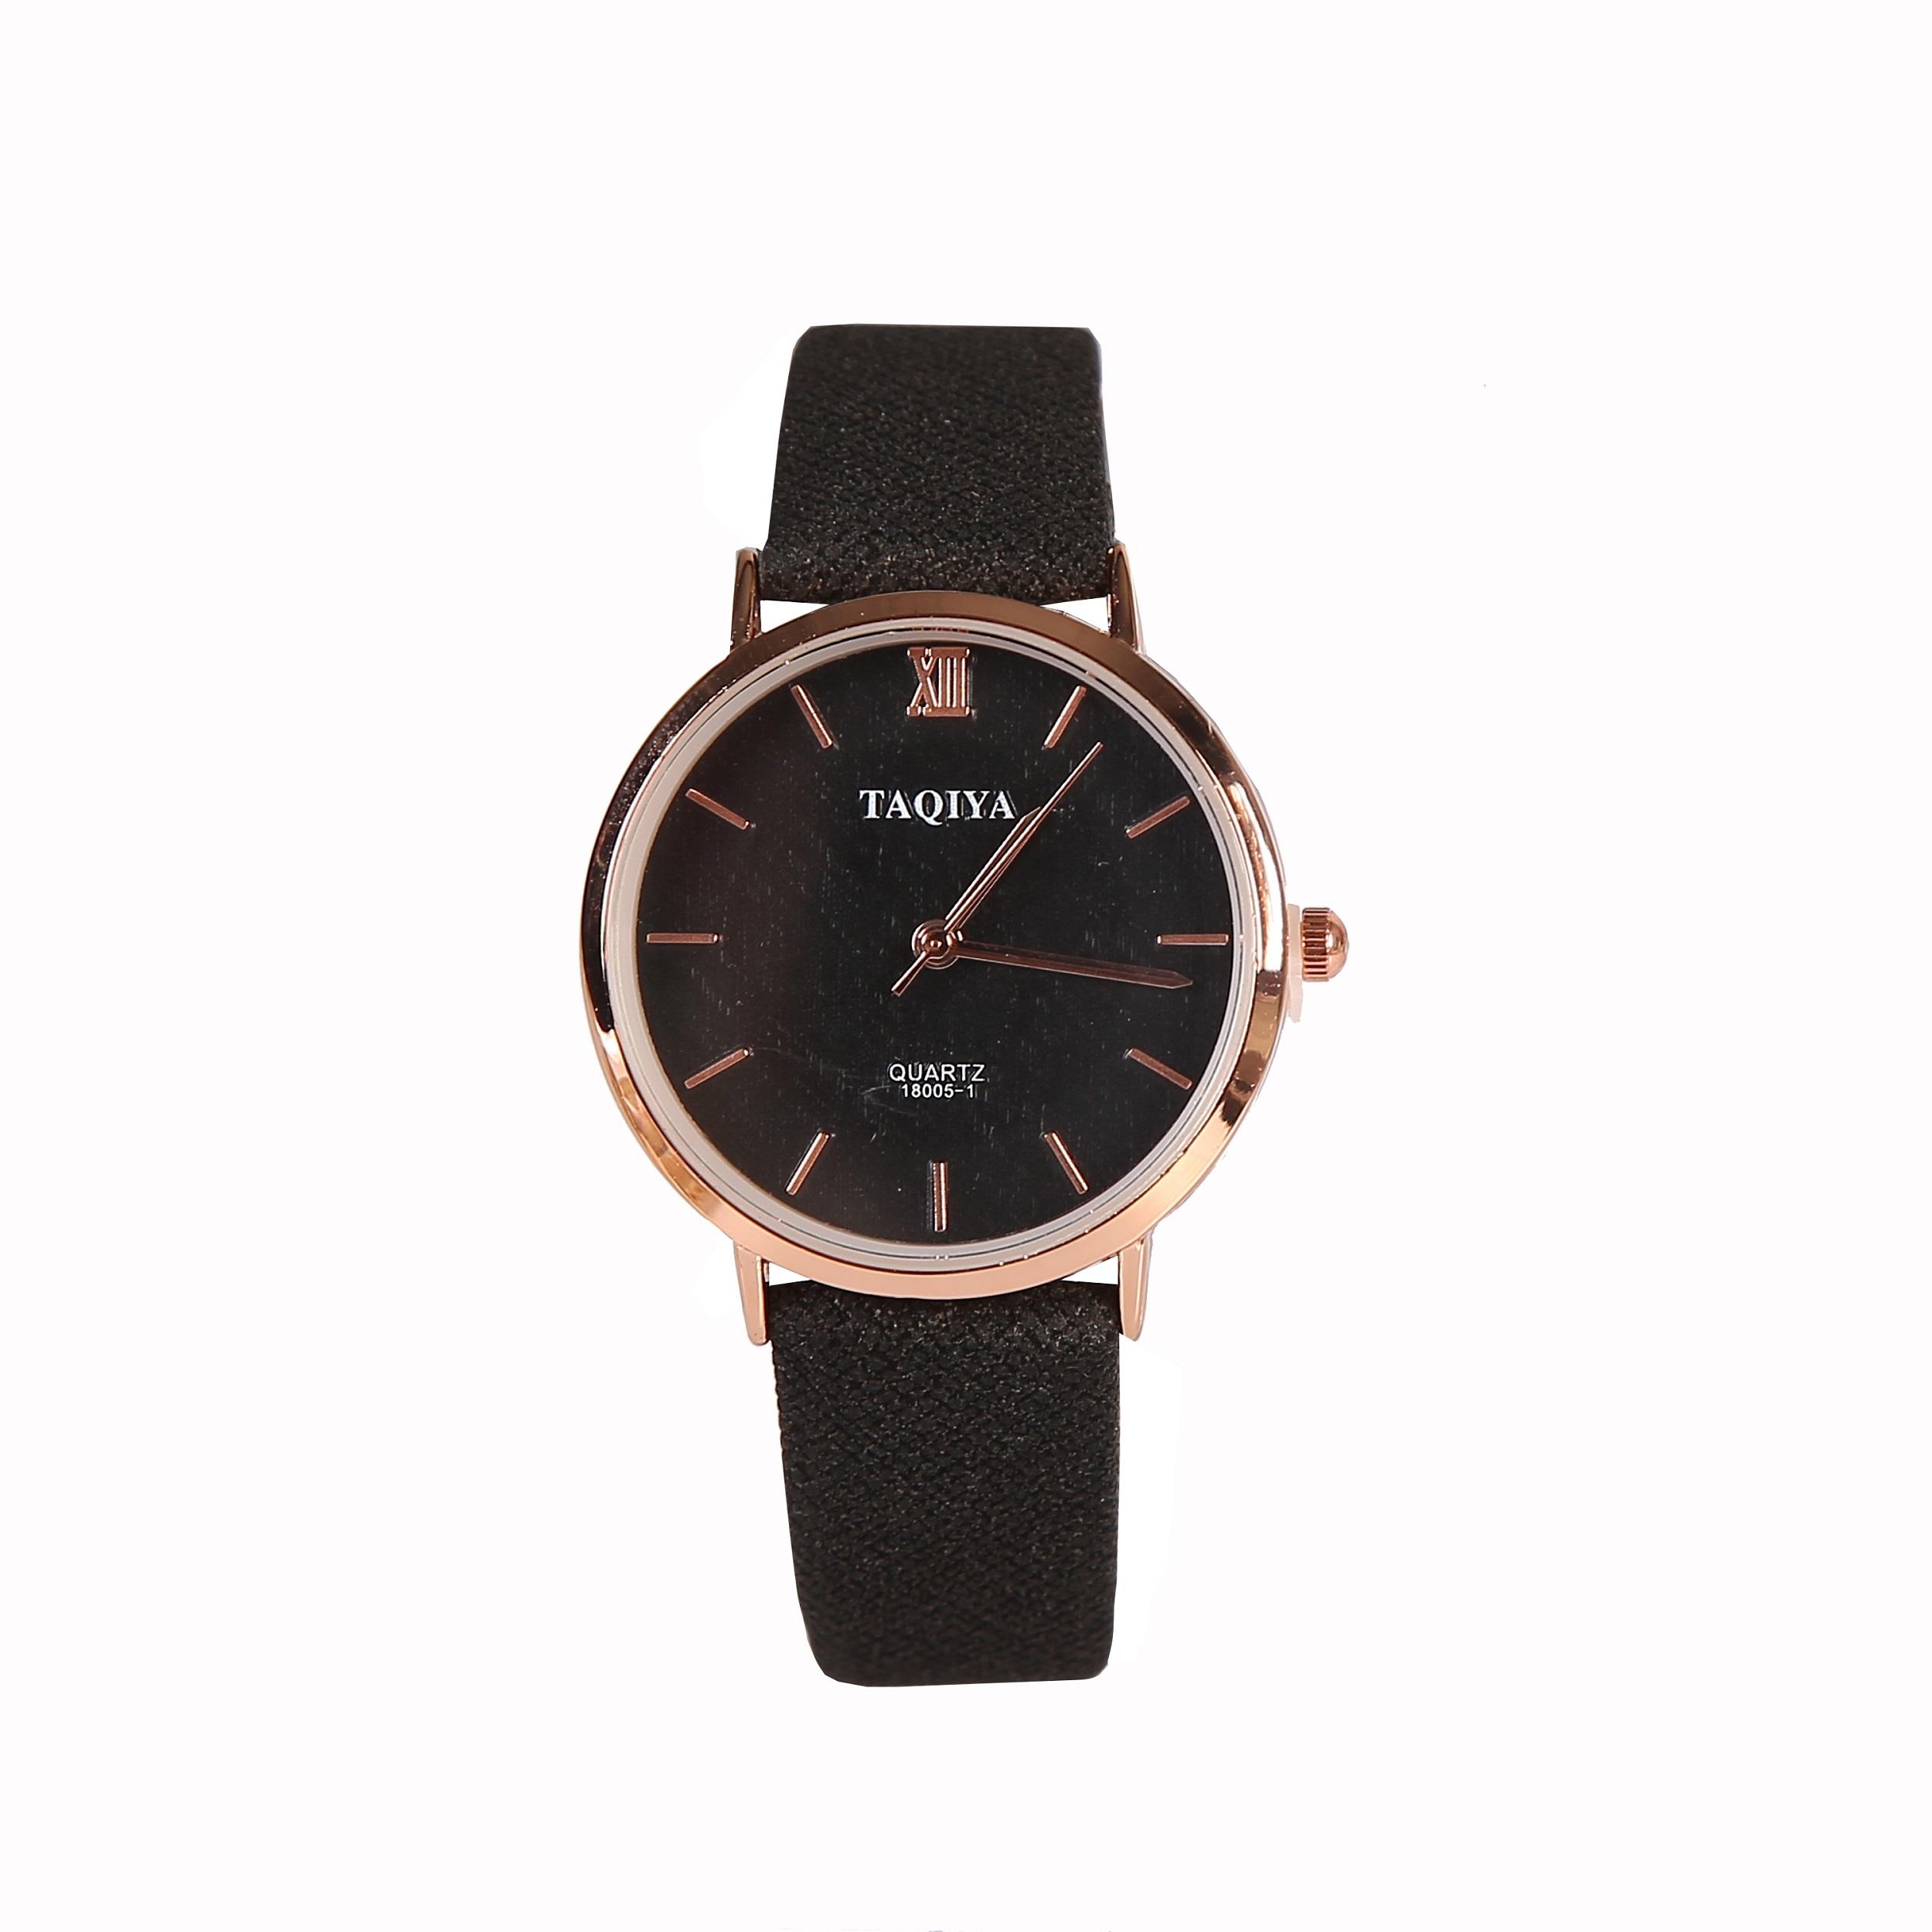 ساعت مچی عقربه ای زنانه تاکیا مدل 6231 53